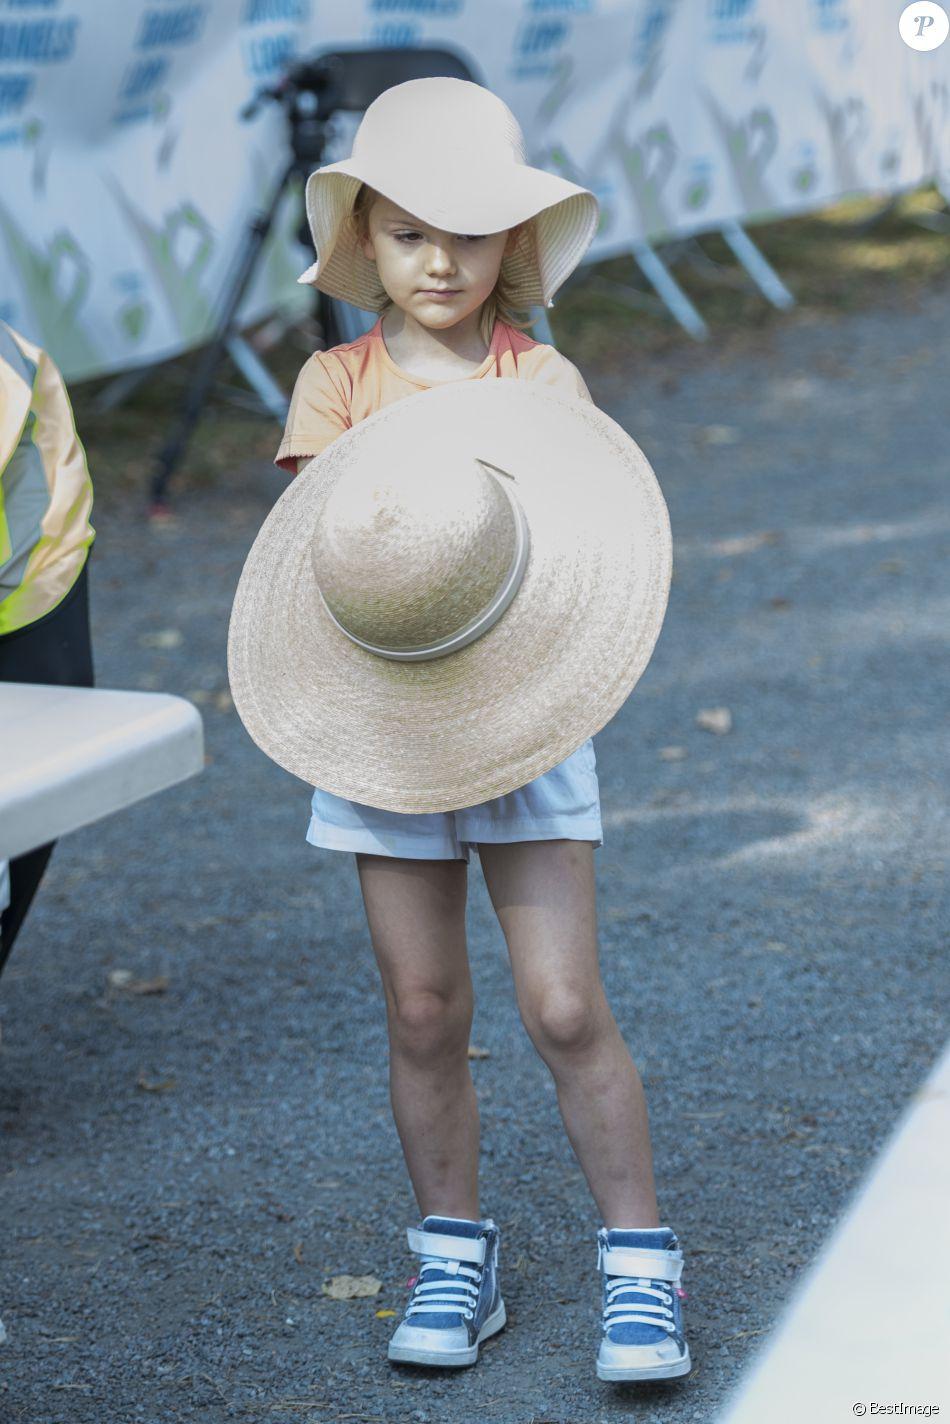 2625891-la-princesse-estelle-passion-chapeaux-950x0-4.jpg